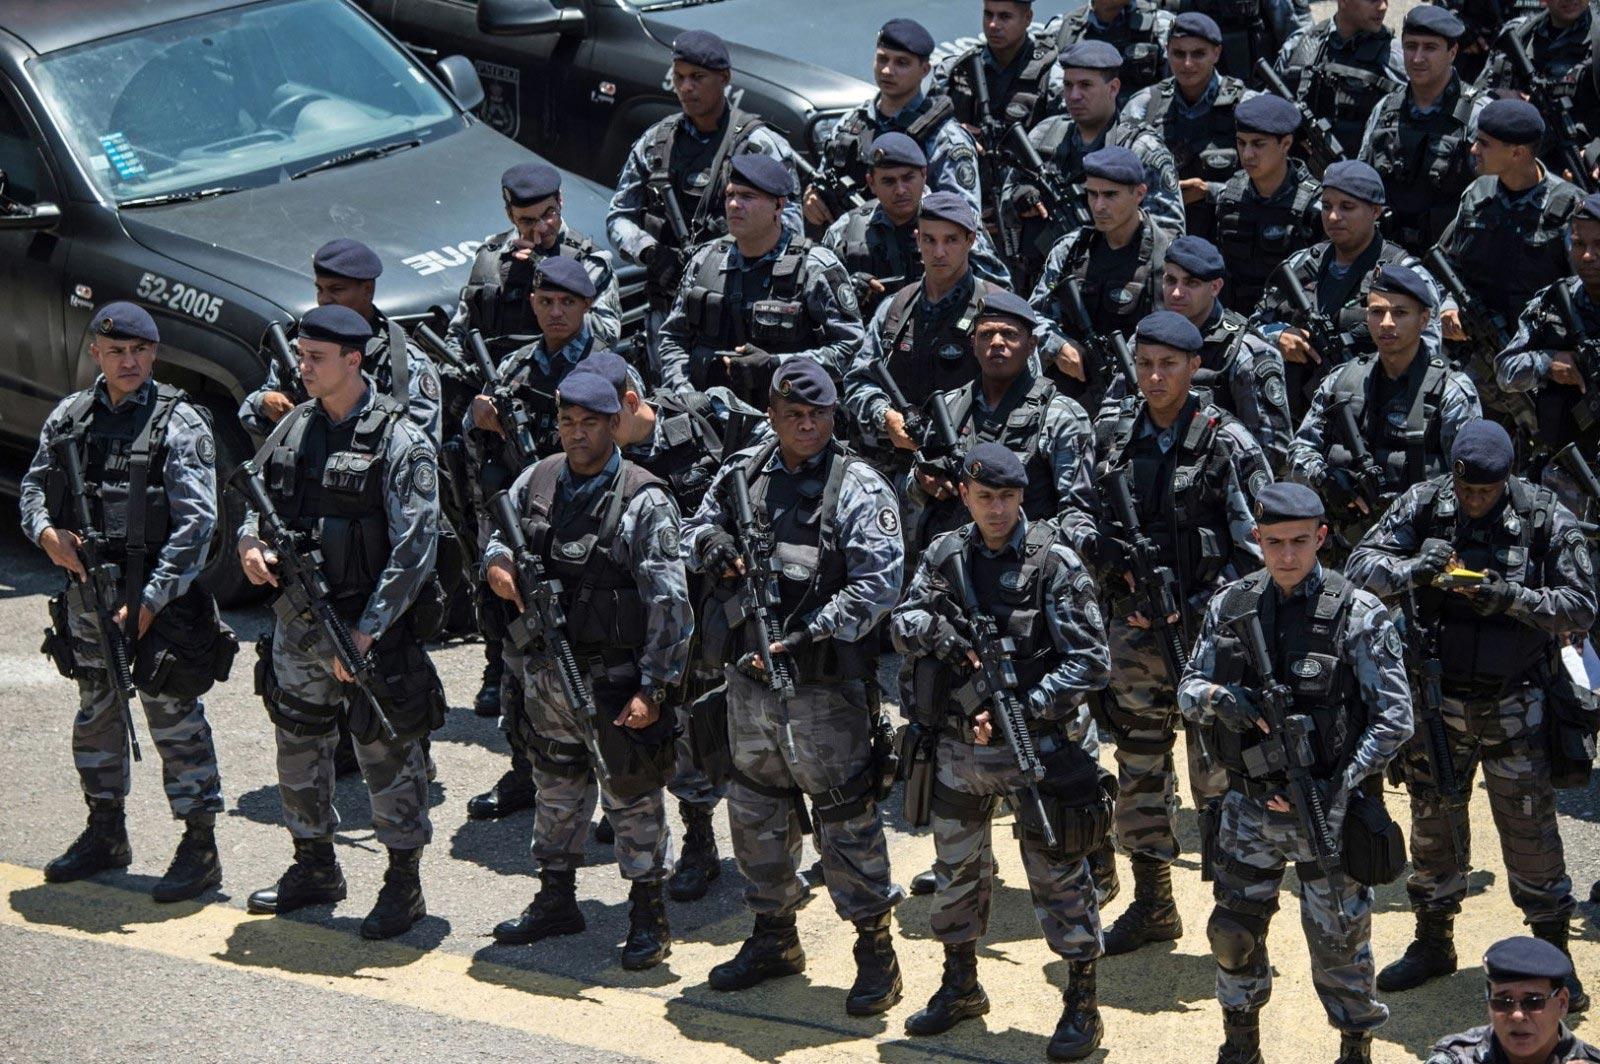 Los Juegos Olímpicos contarán con más de 30 mil militares al servicio de la seguridad